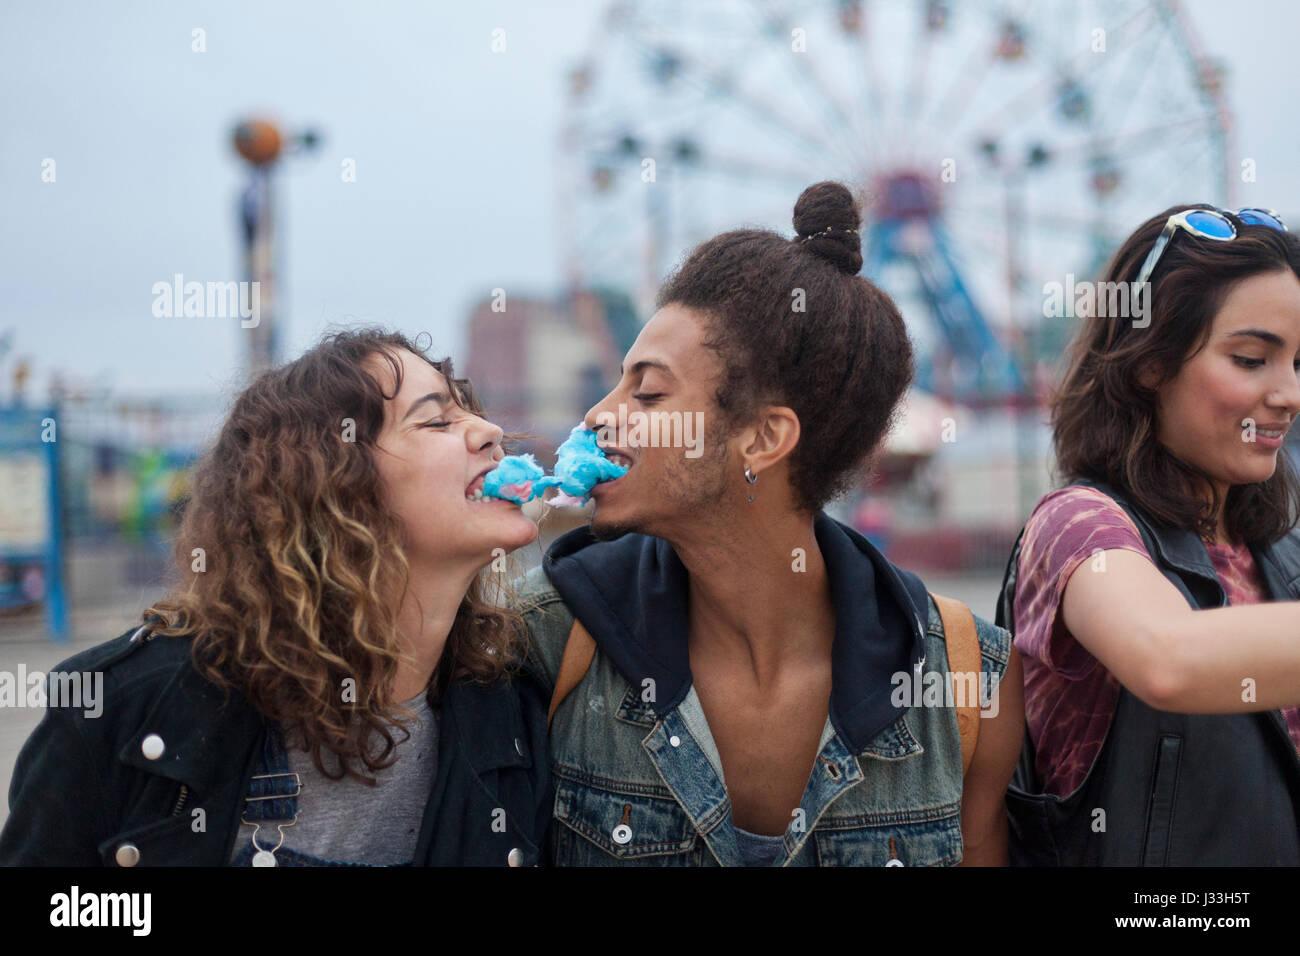 Friends eating Cotton Candy dans un parc d'attractions Banque D'Images